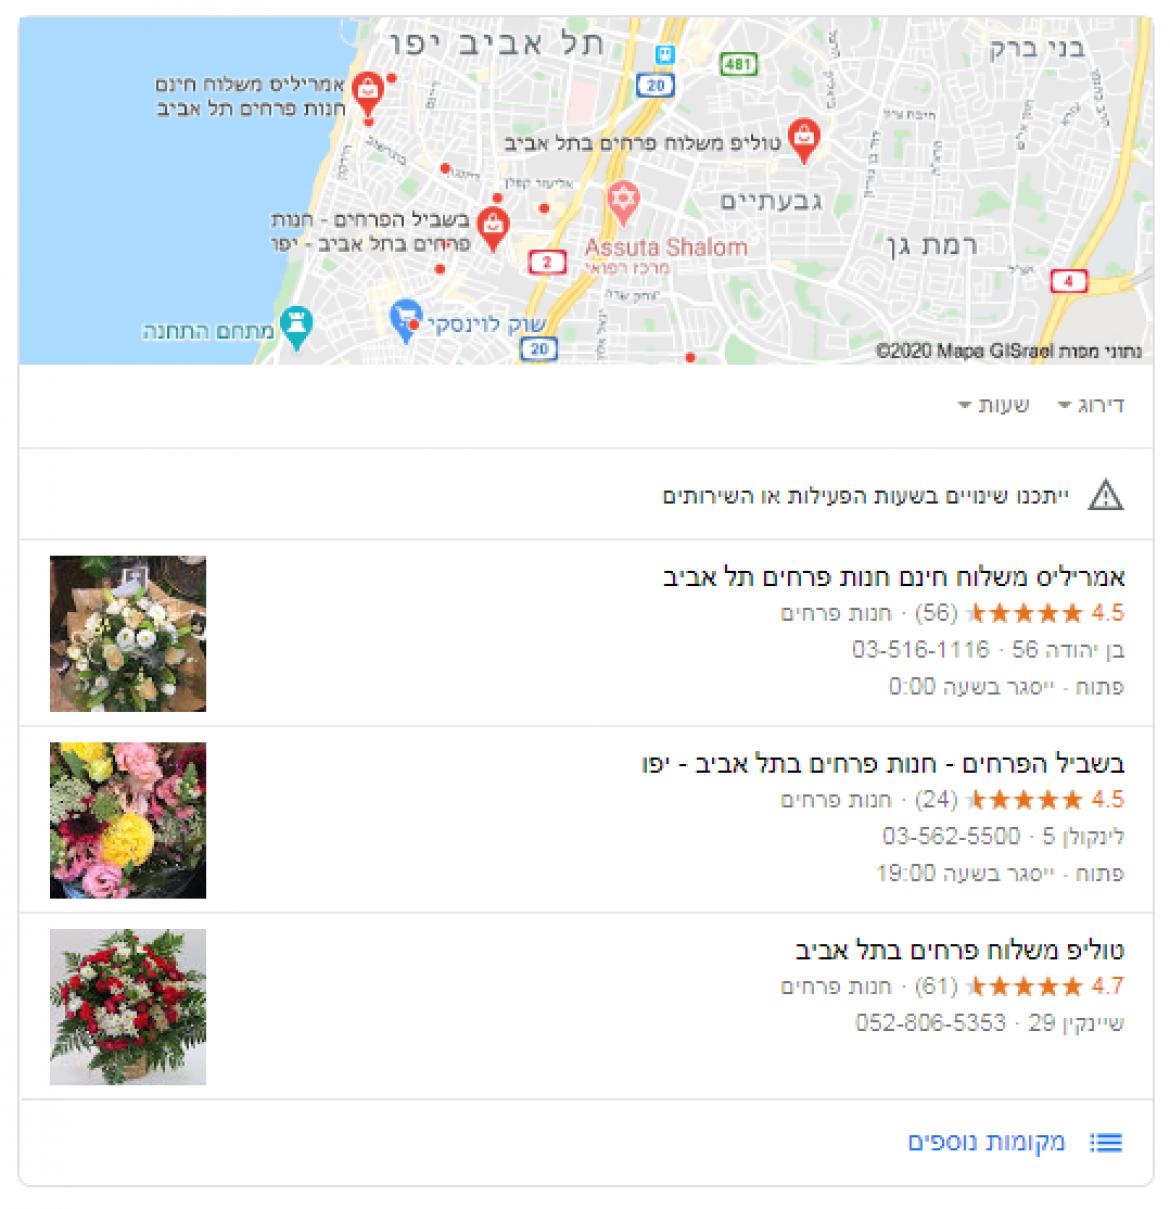 קידום אתרים לחנויות פרחים, צמחים ועציצים